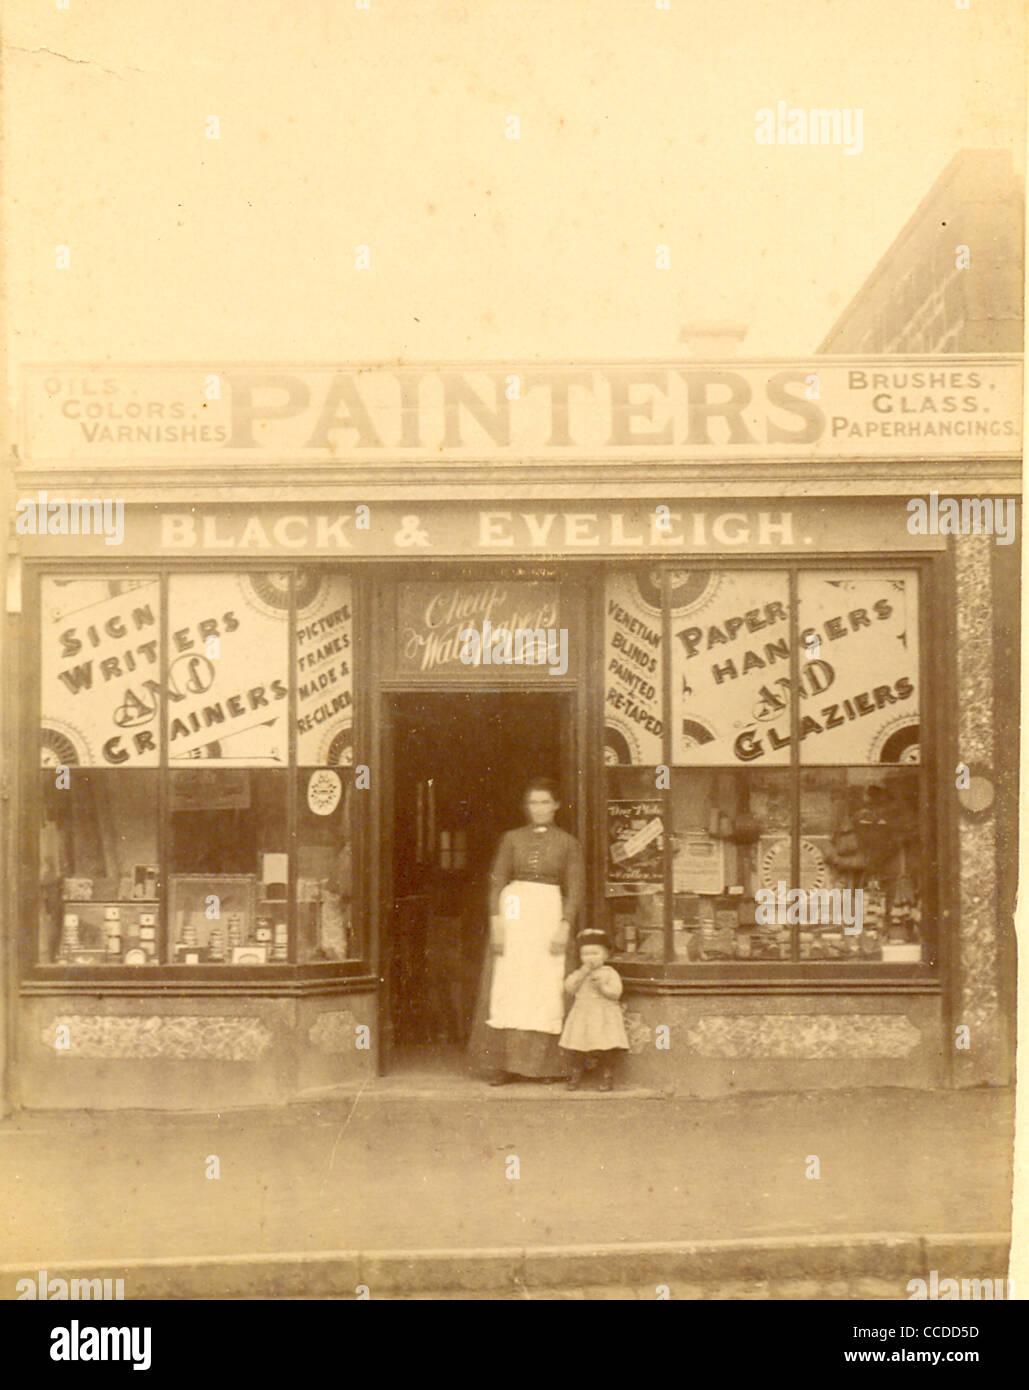 Photographie du Cabinet de l'écrivain signe et peintres shop, Noir & Eveleigh Banque D'Images